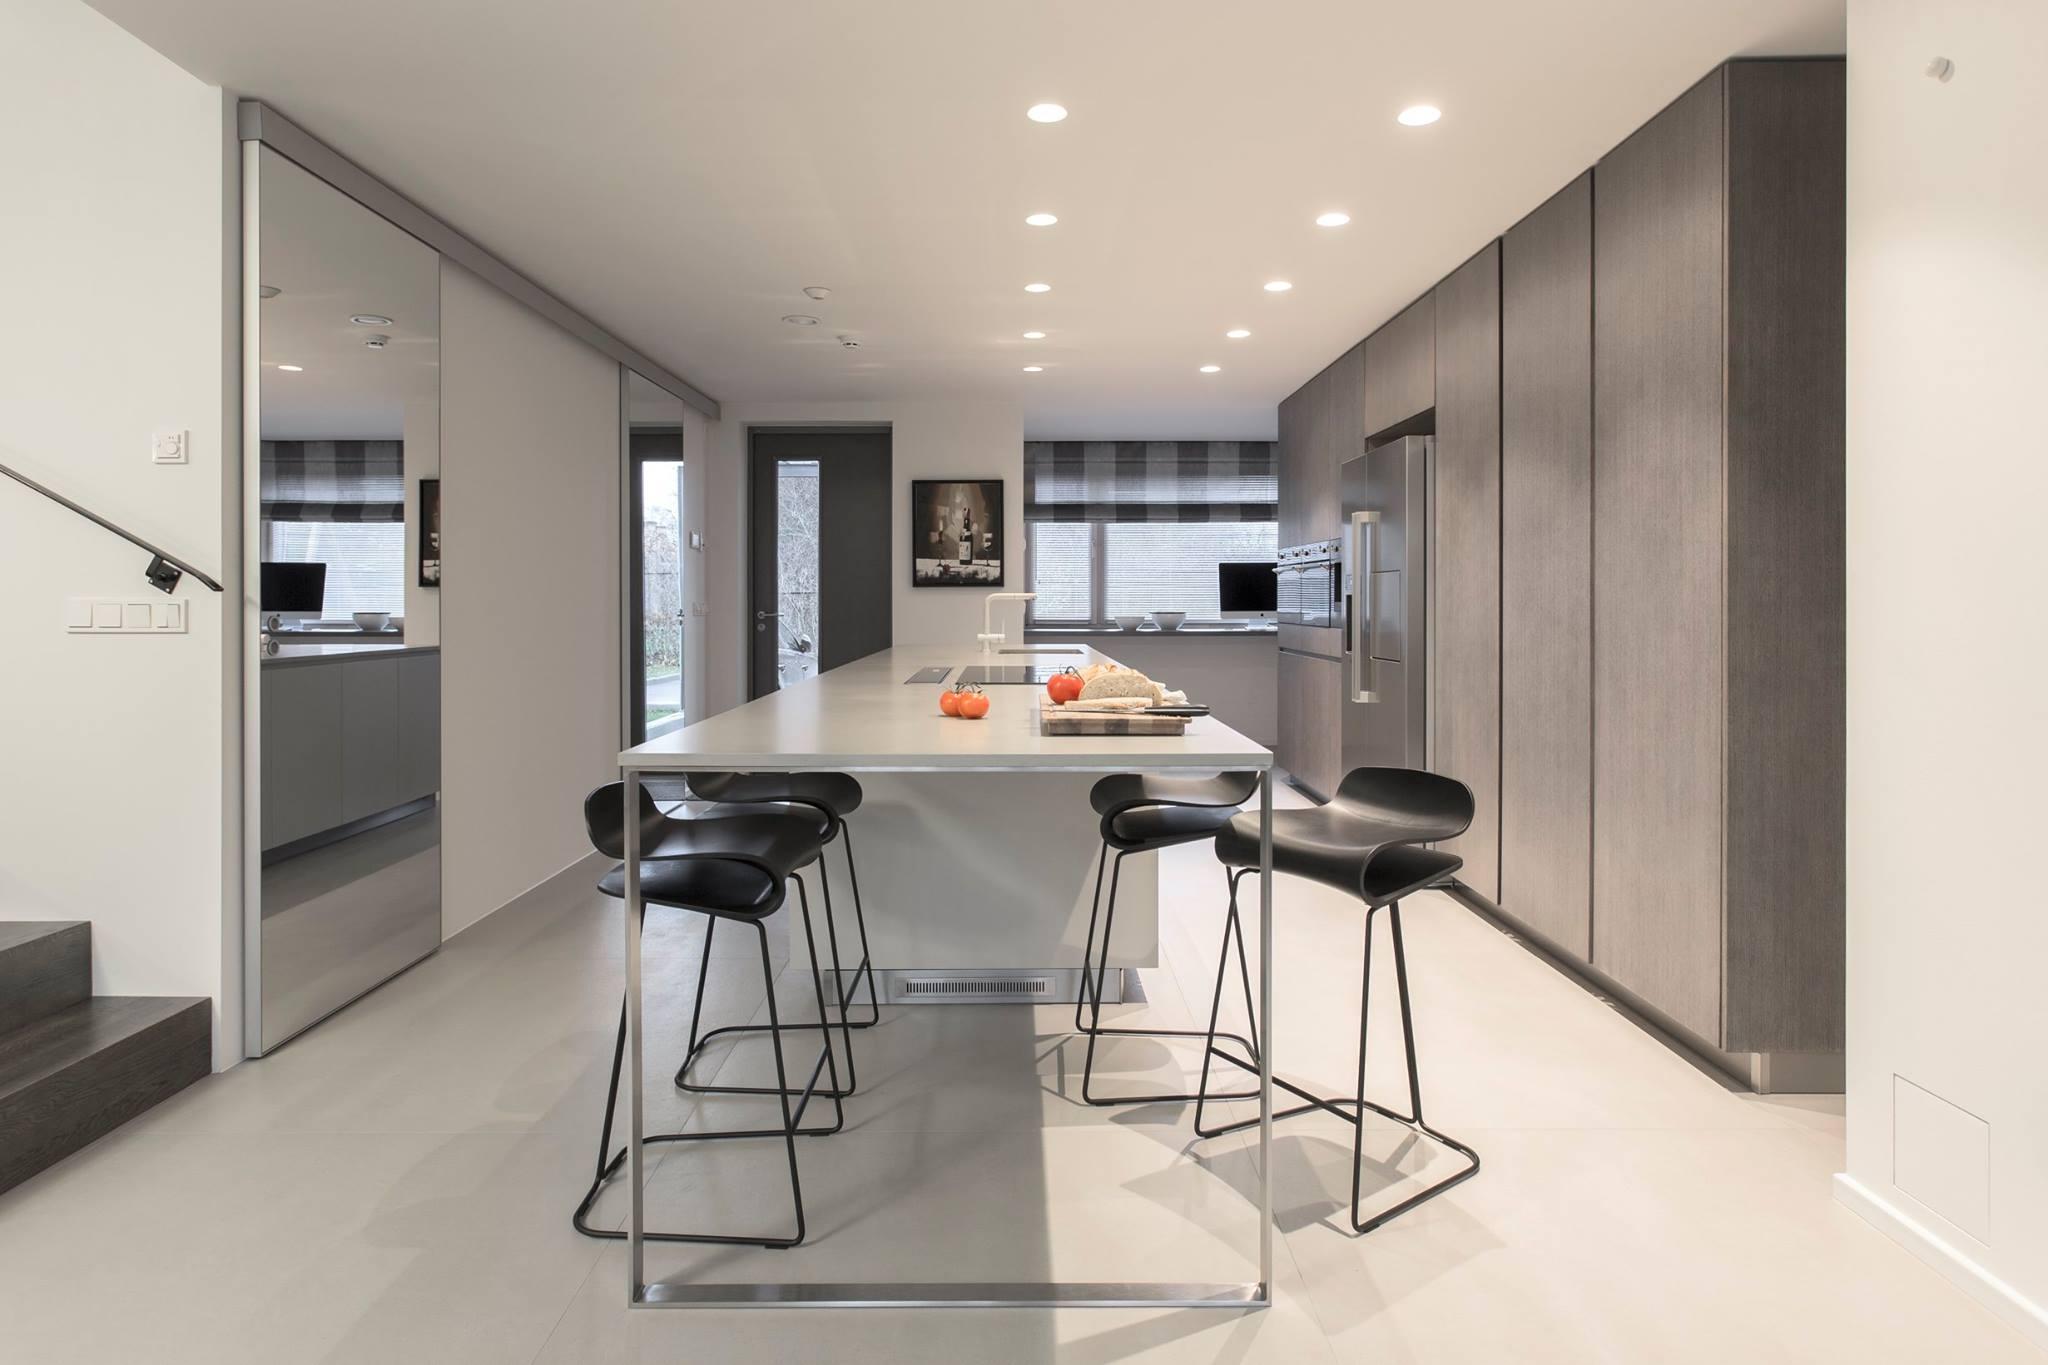 Aet Piel Disain. Foto: Margot Laisaar (Designer virossa, sisustusarkkitehti  virossa, arkkitehti virossa, interior architect, interior designer)